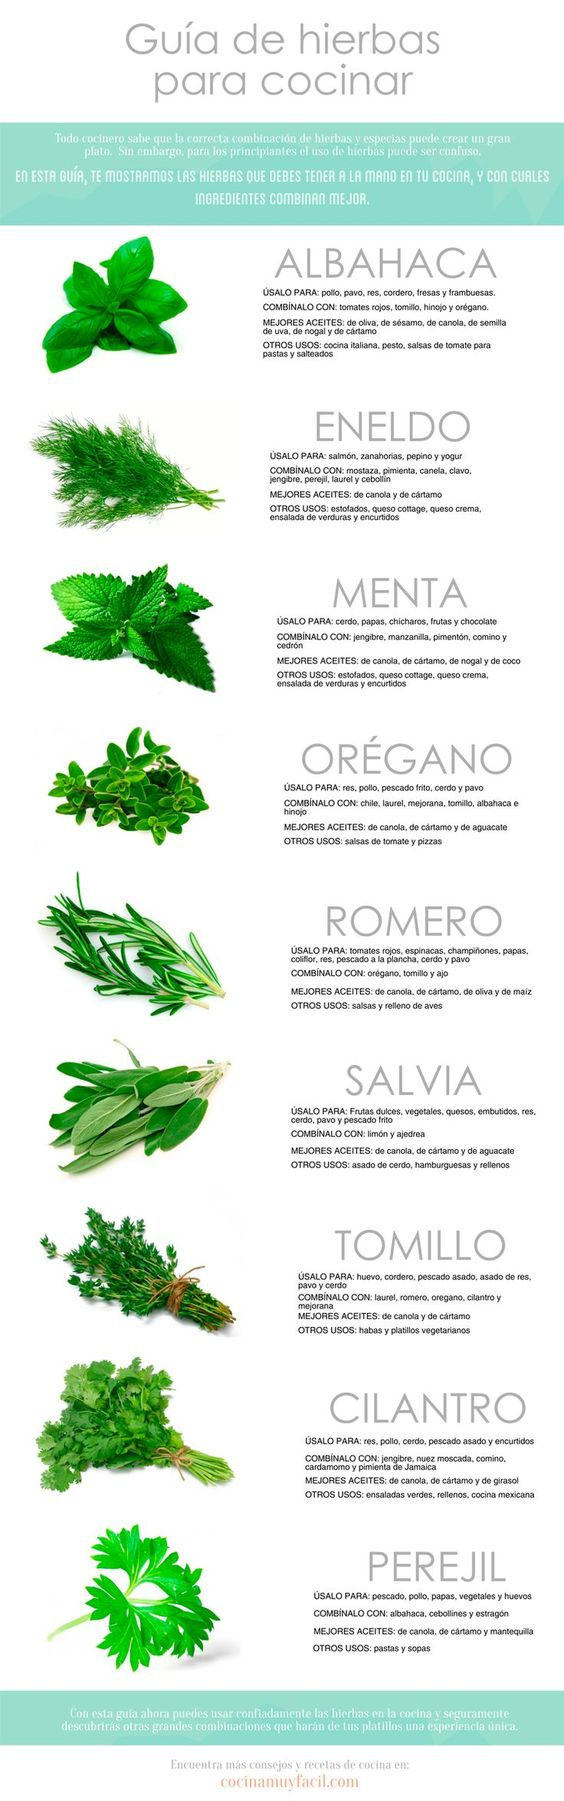 Les ofrecemos una guía de hierbas para cocinar en una infografía clara, que te ayudará a combinar mejor las especias y hierbas en la cocina. #Infografía #Infographic::